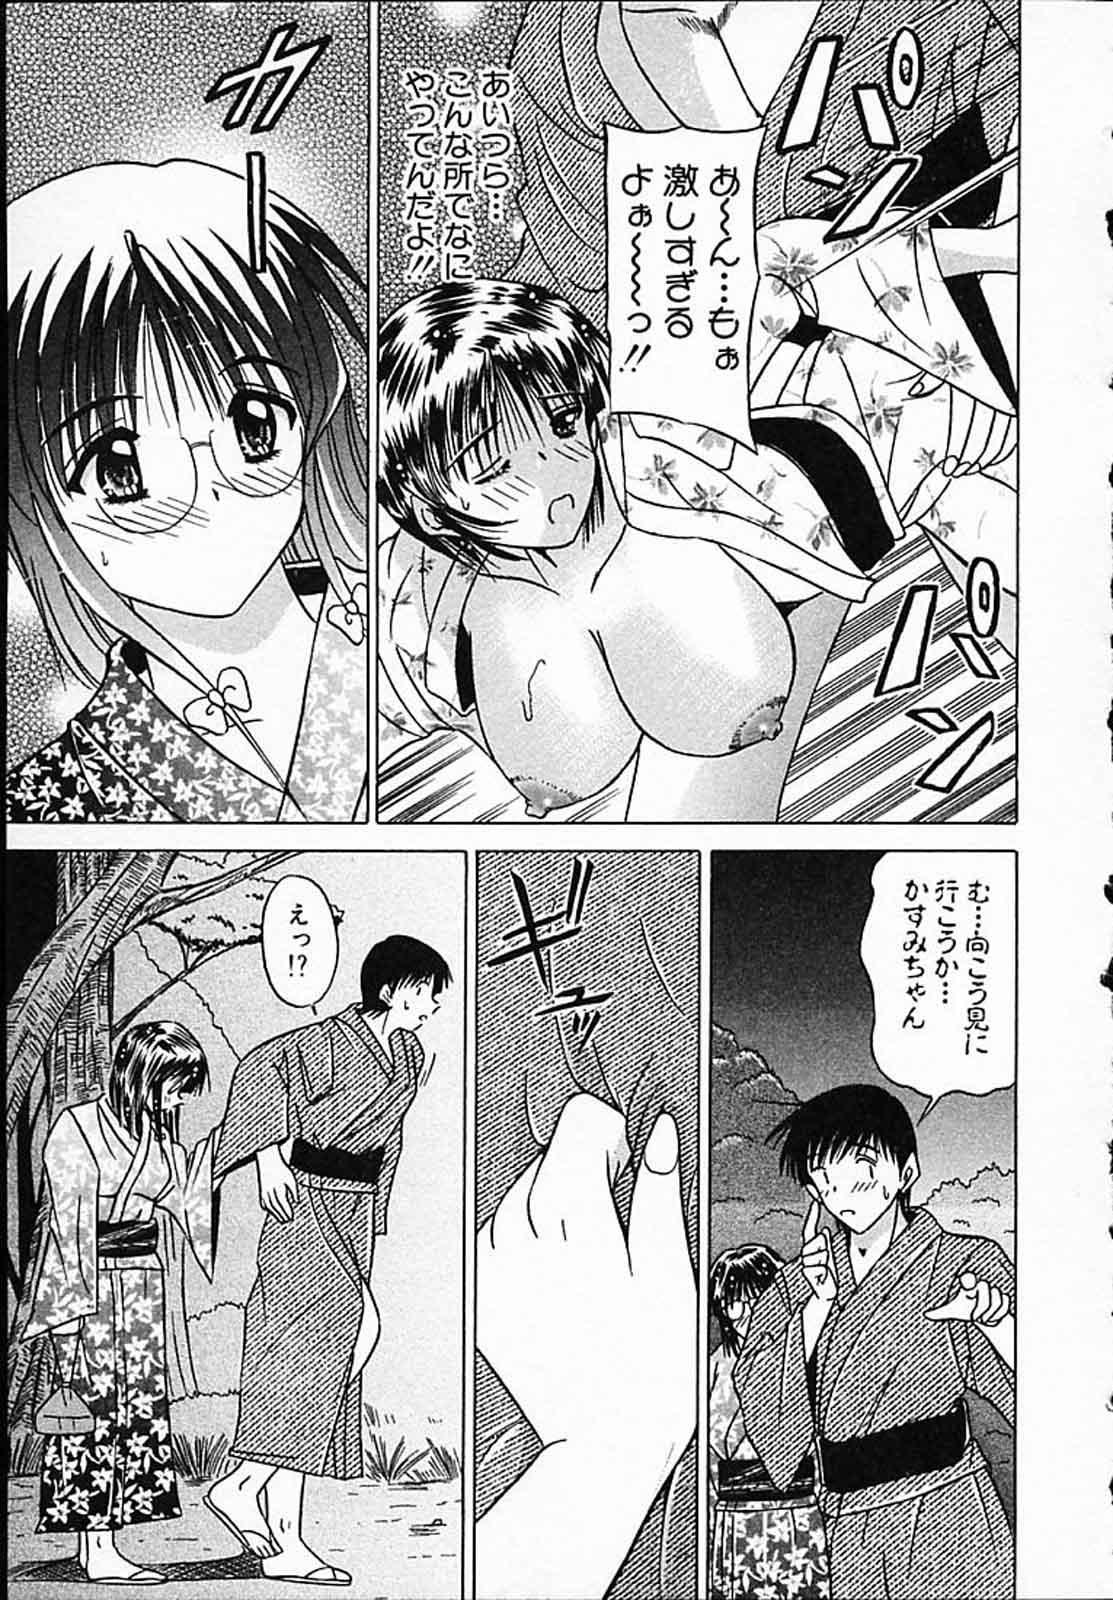 Hiyokko Nurse! 51